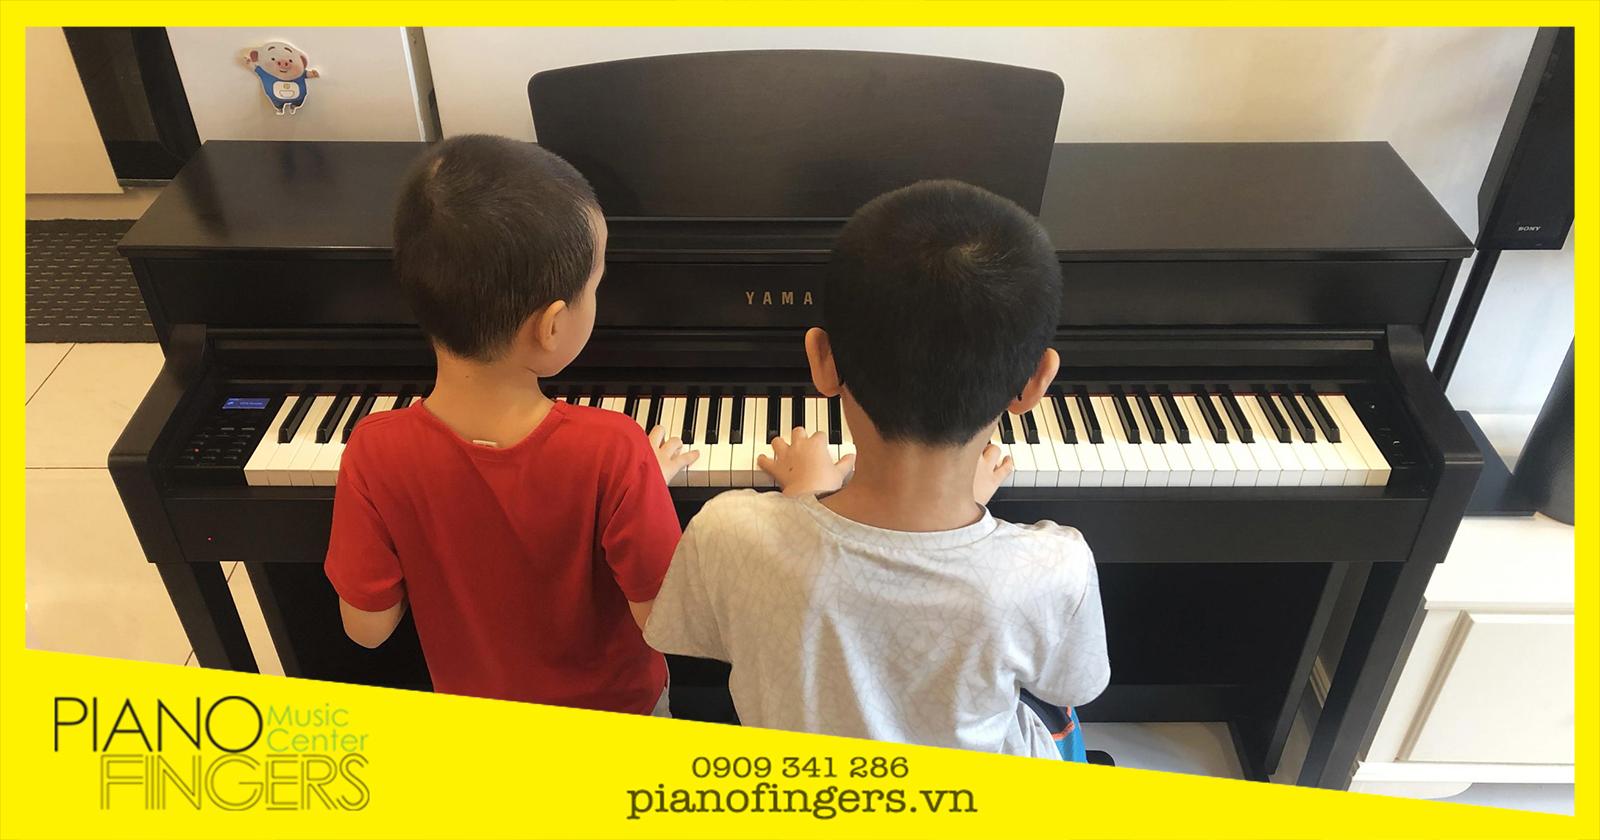 gia-1-cay-dan-piano-re-nhat-la-bao-nhieu